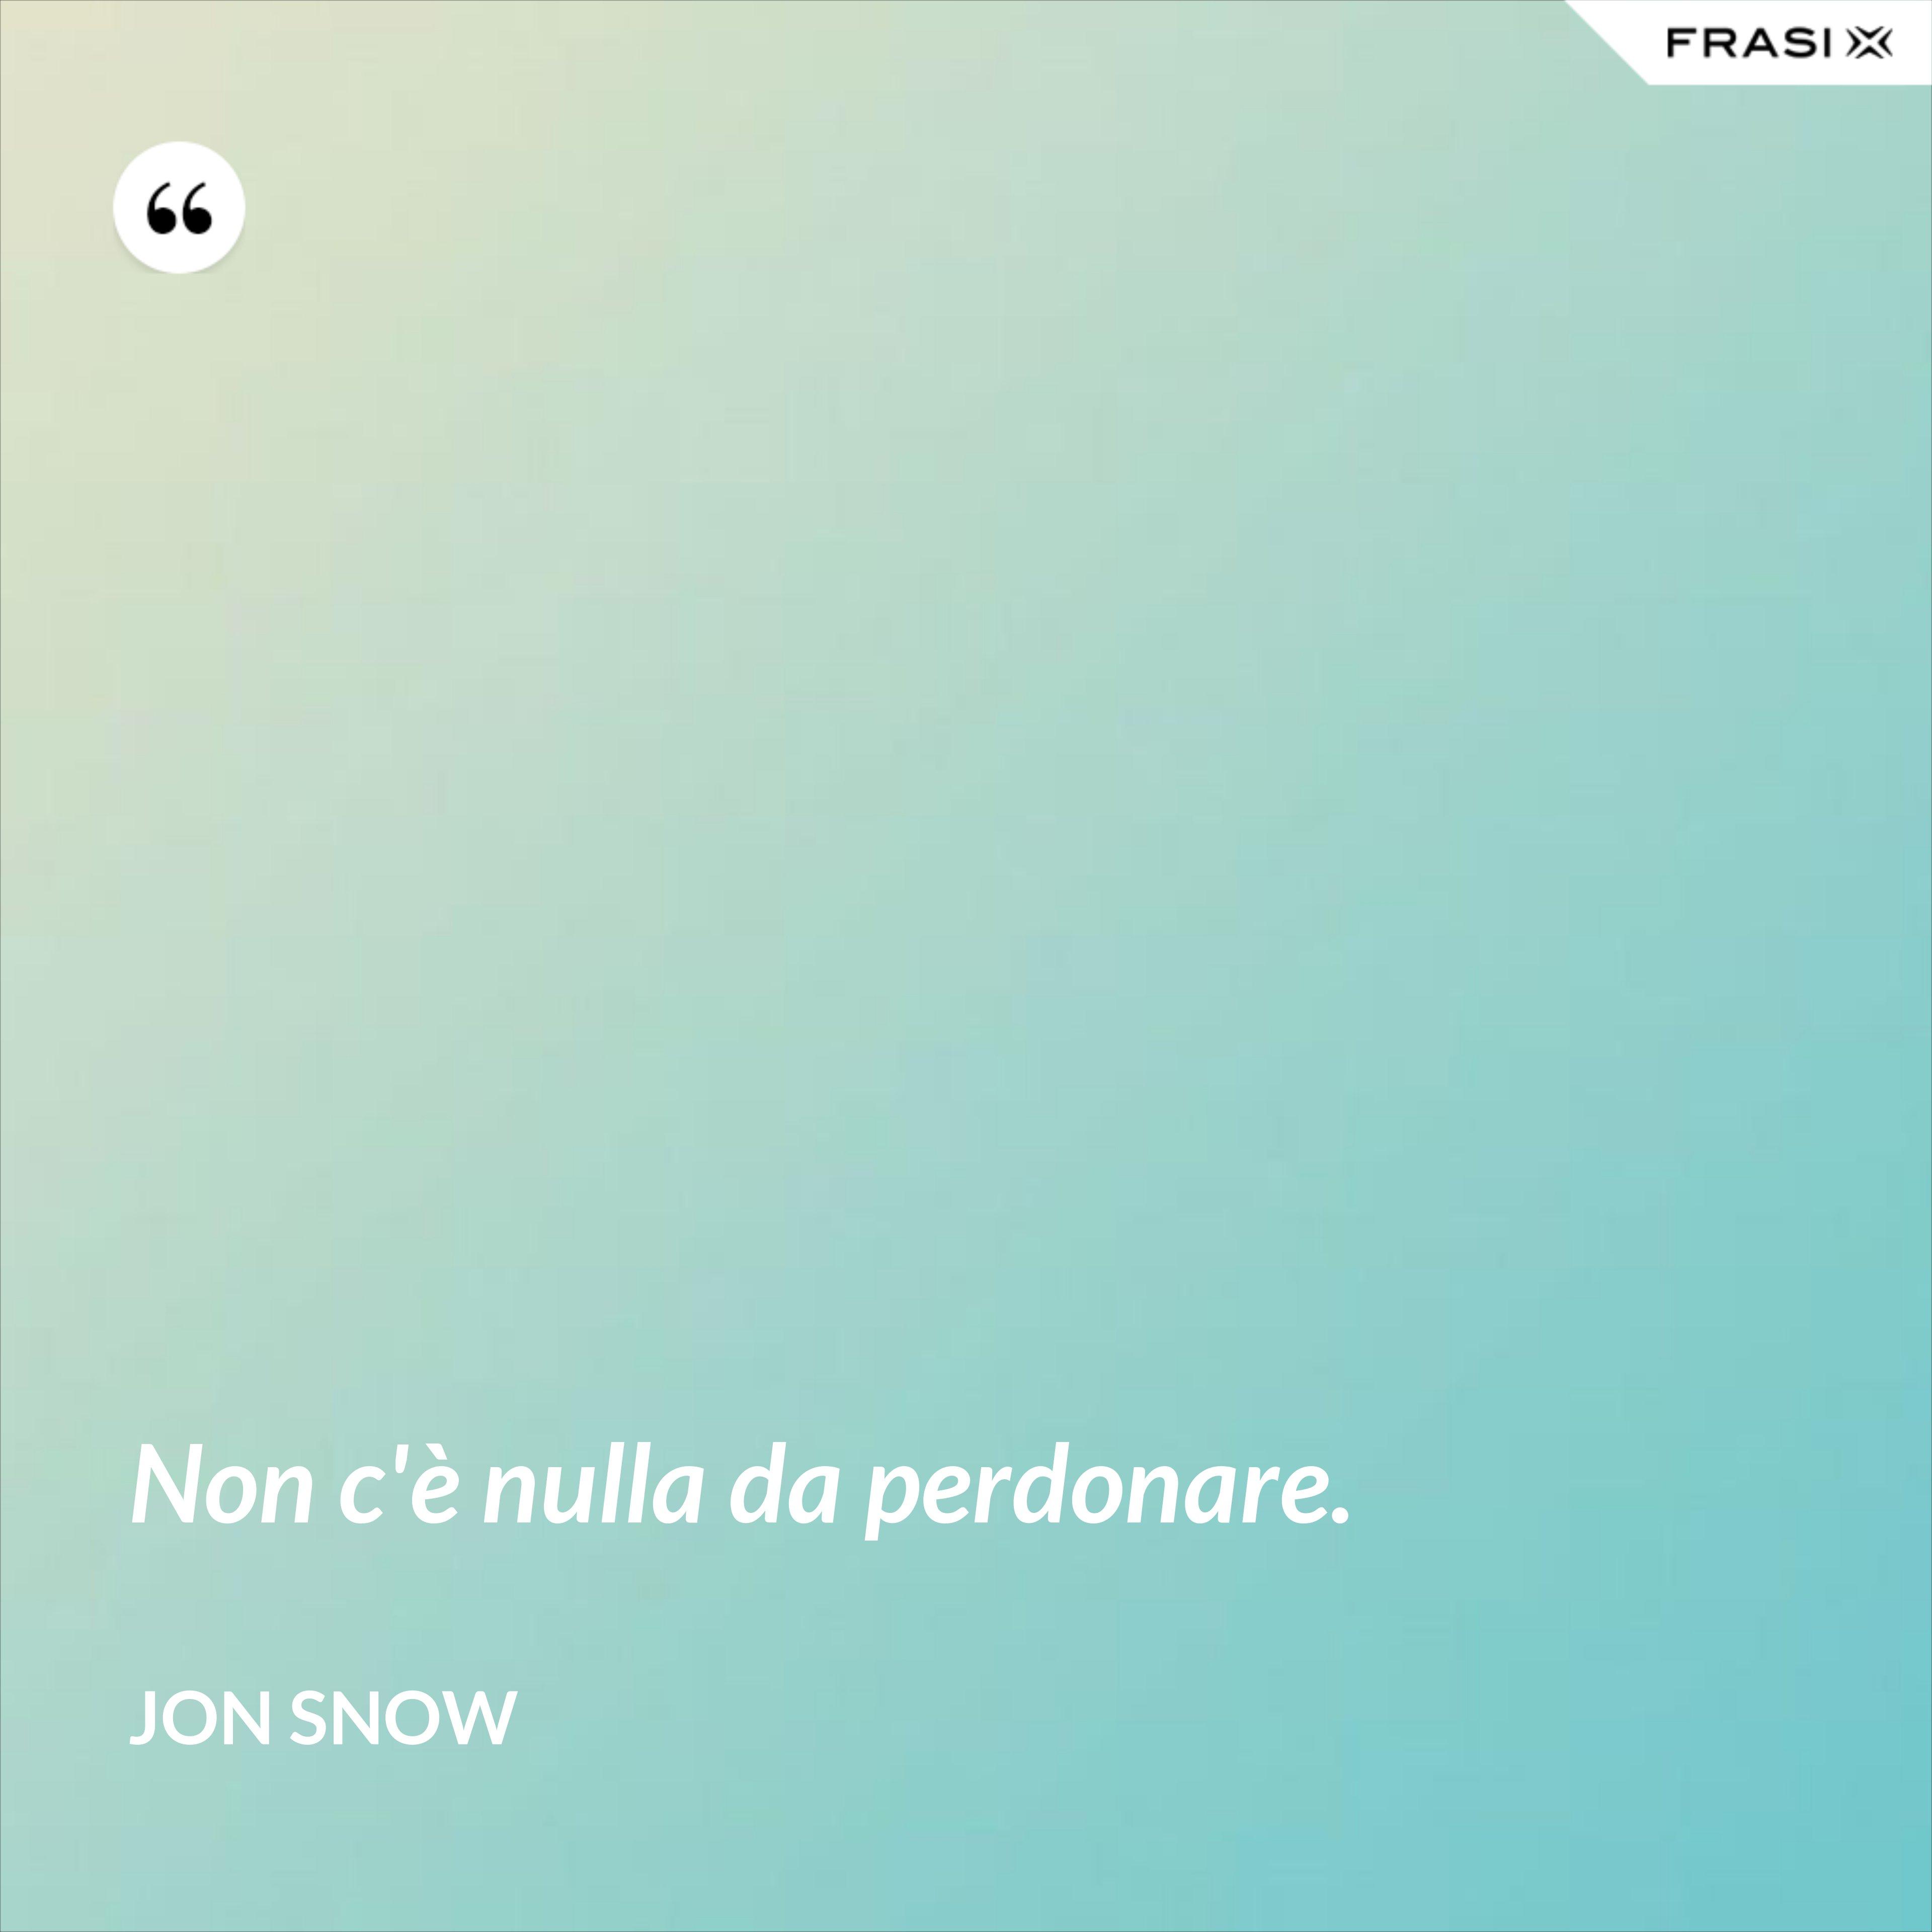 Non c'è nulla da perdonare. - Jon Snow